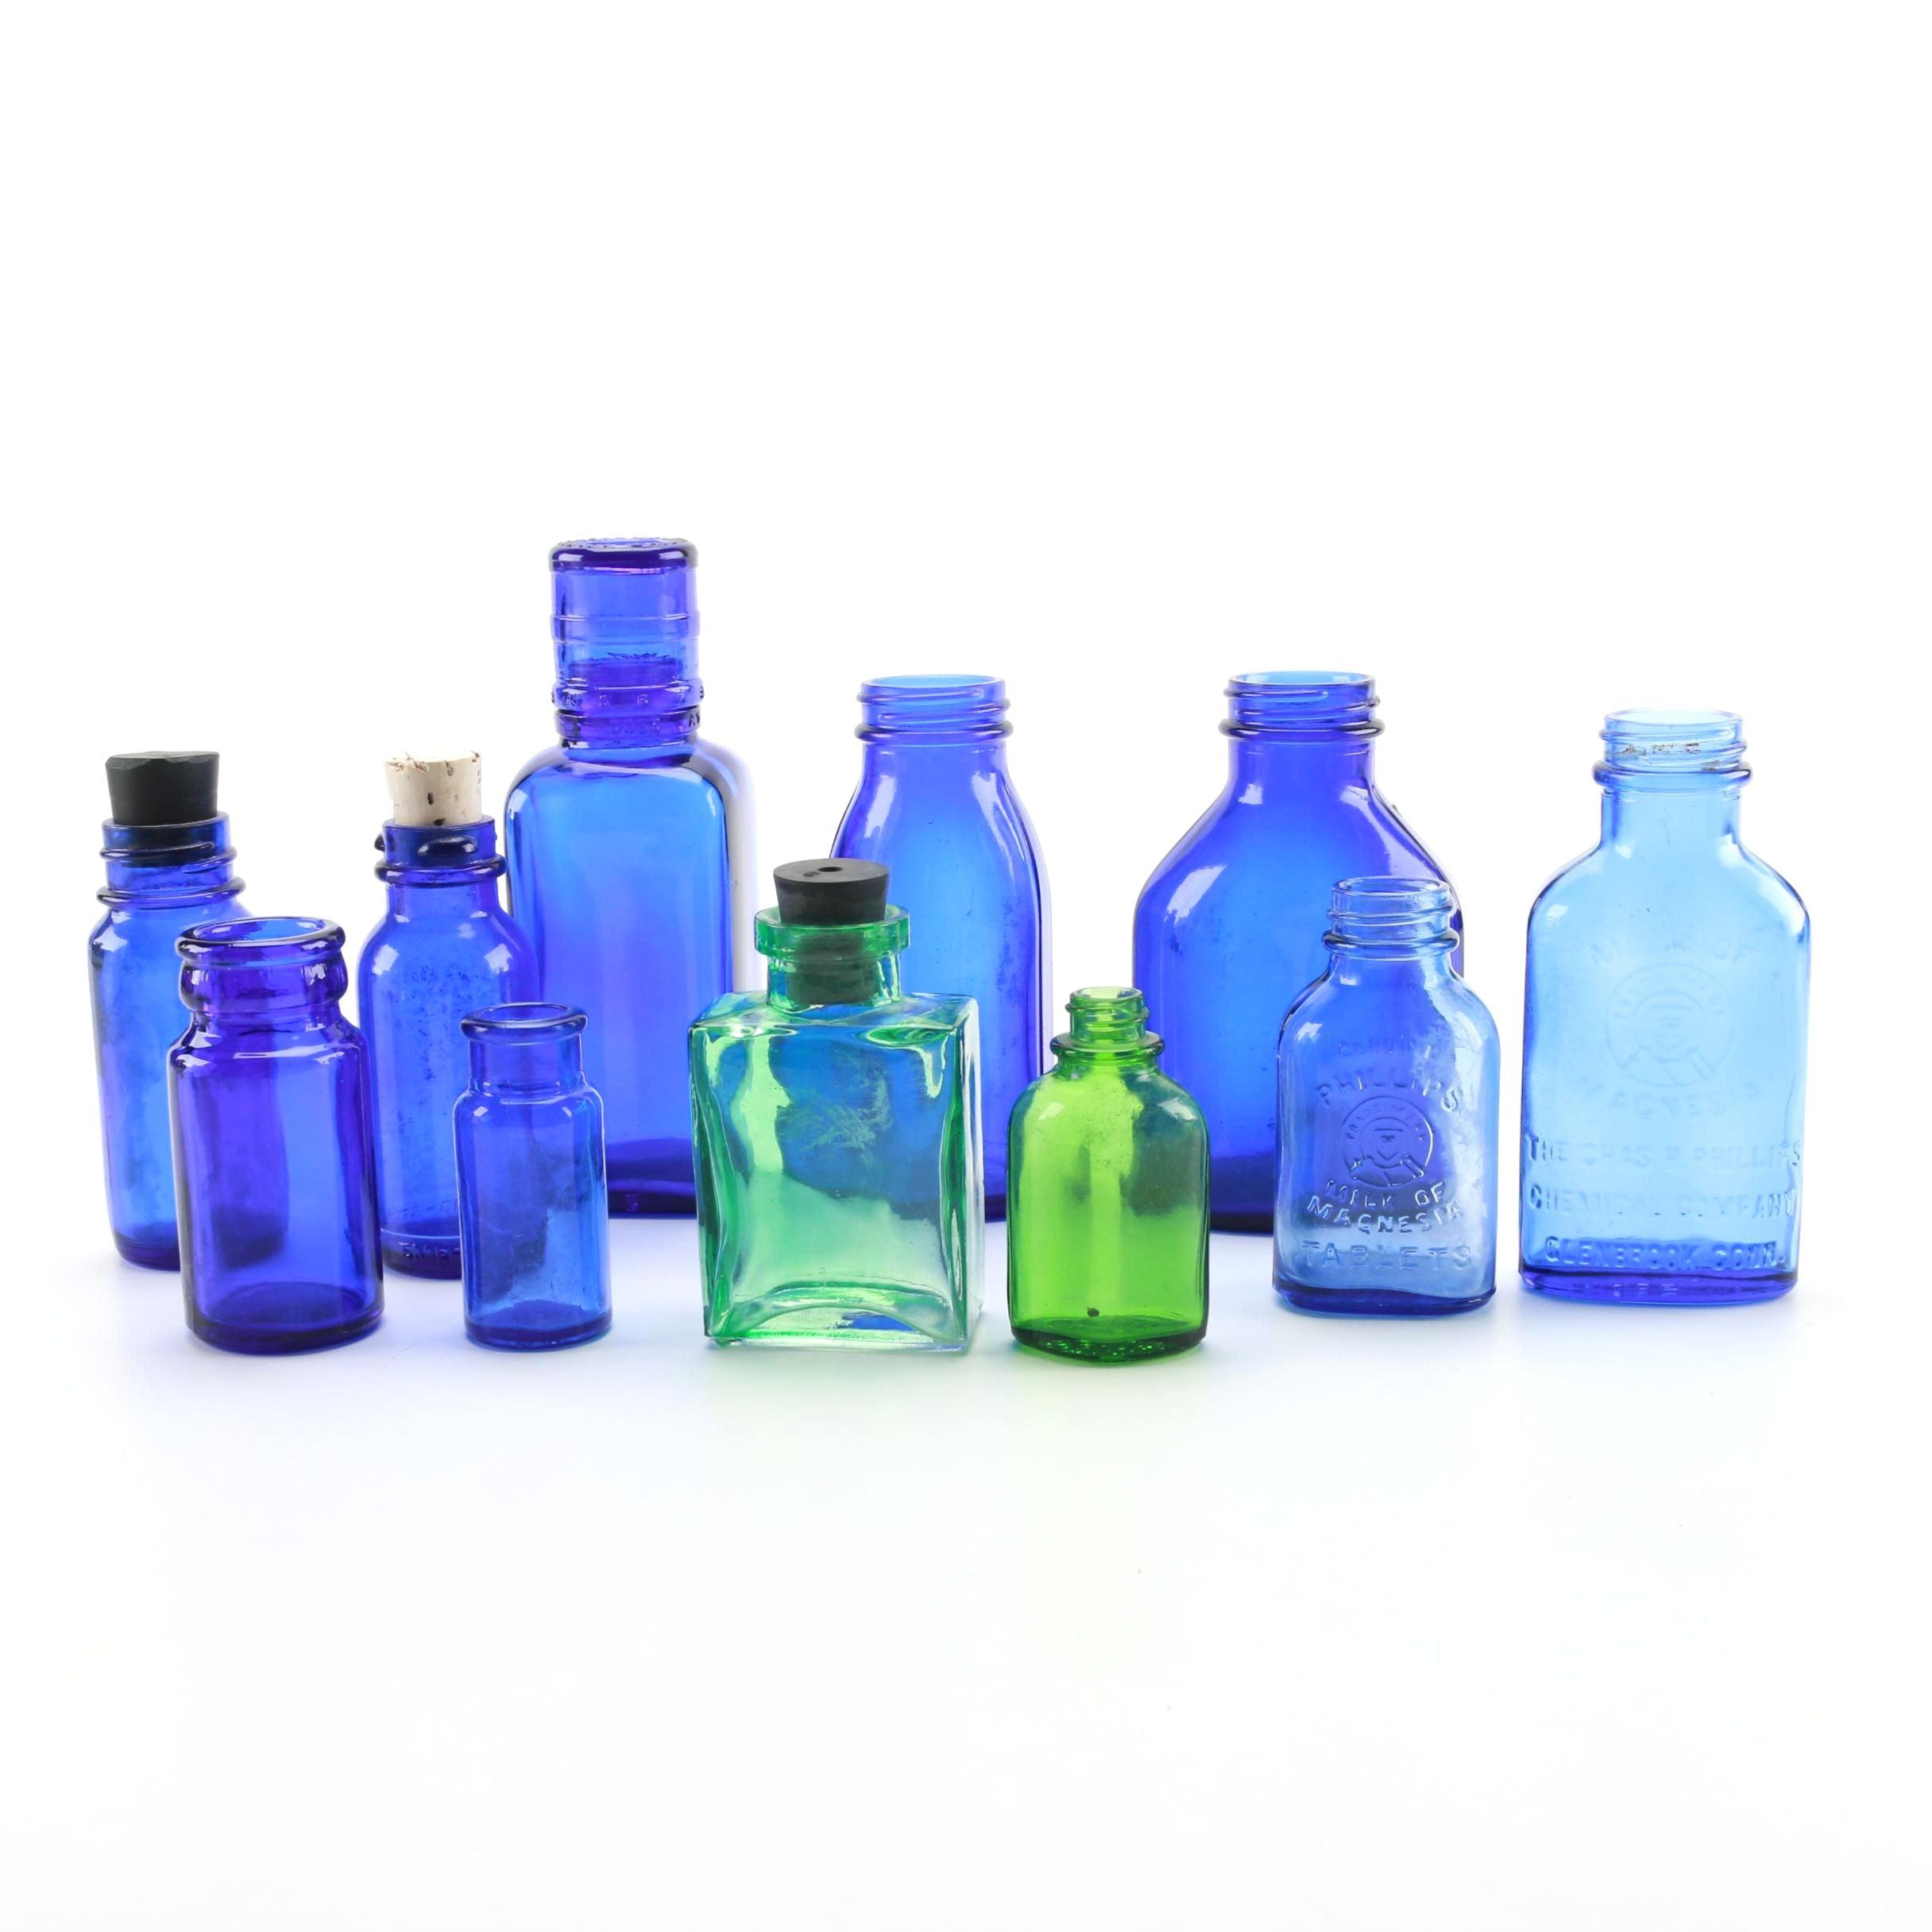 Assortment of Medicinal Bottles